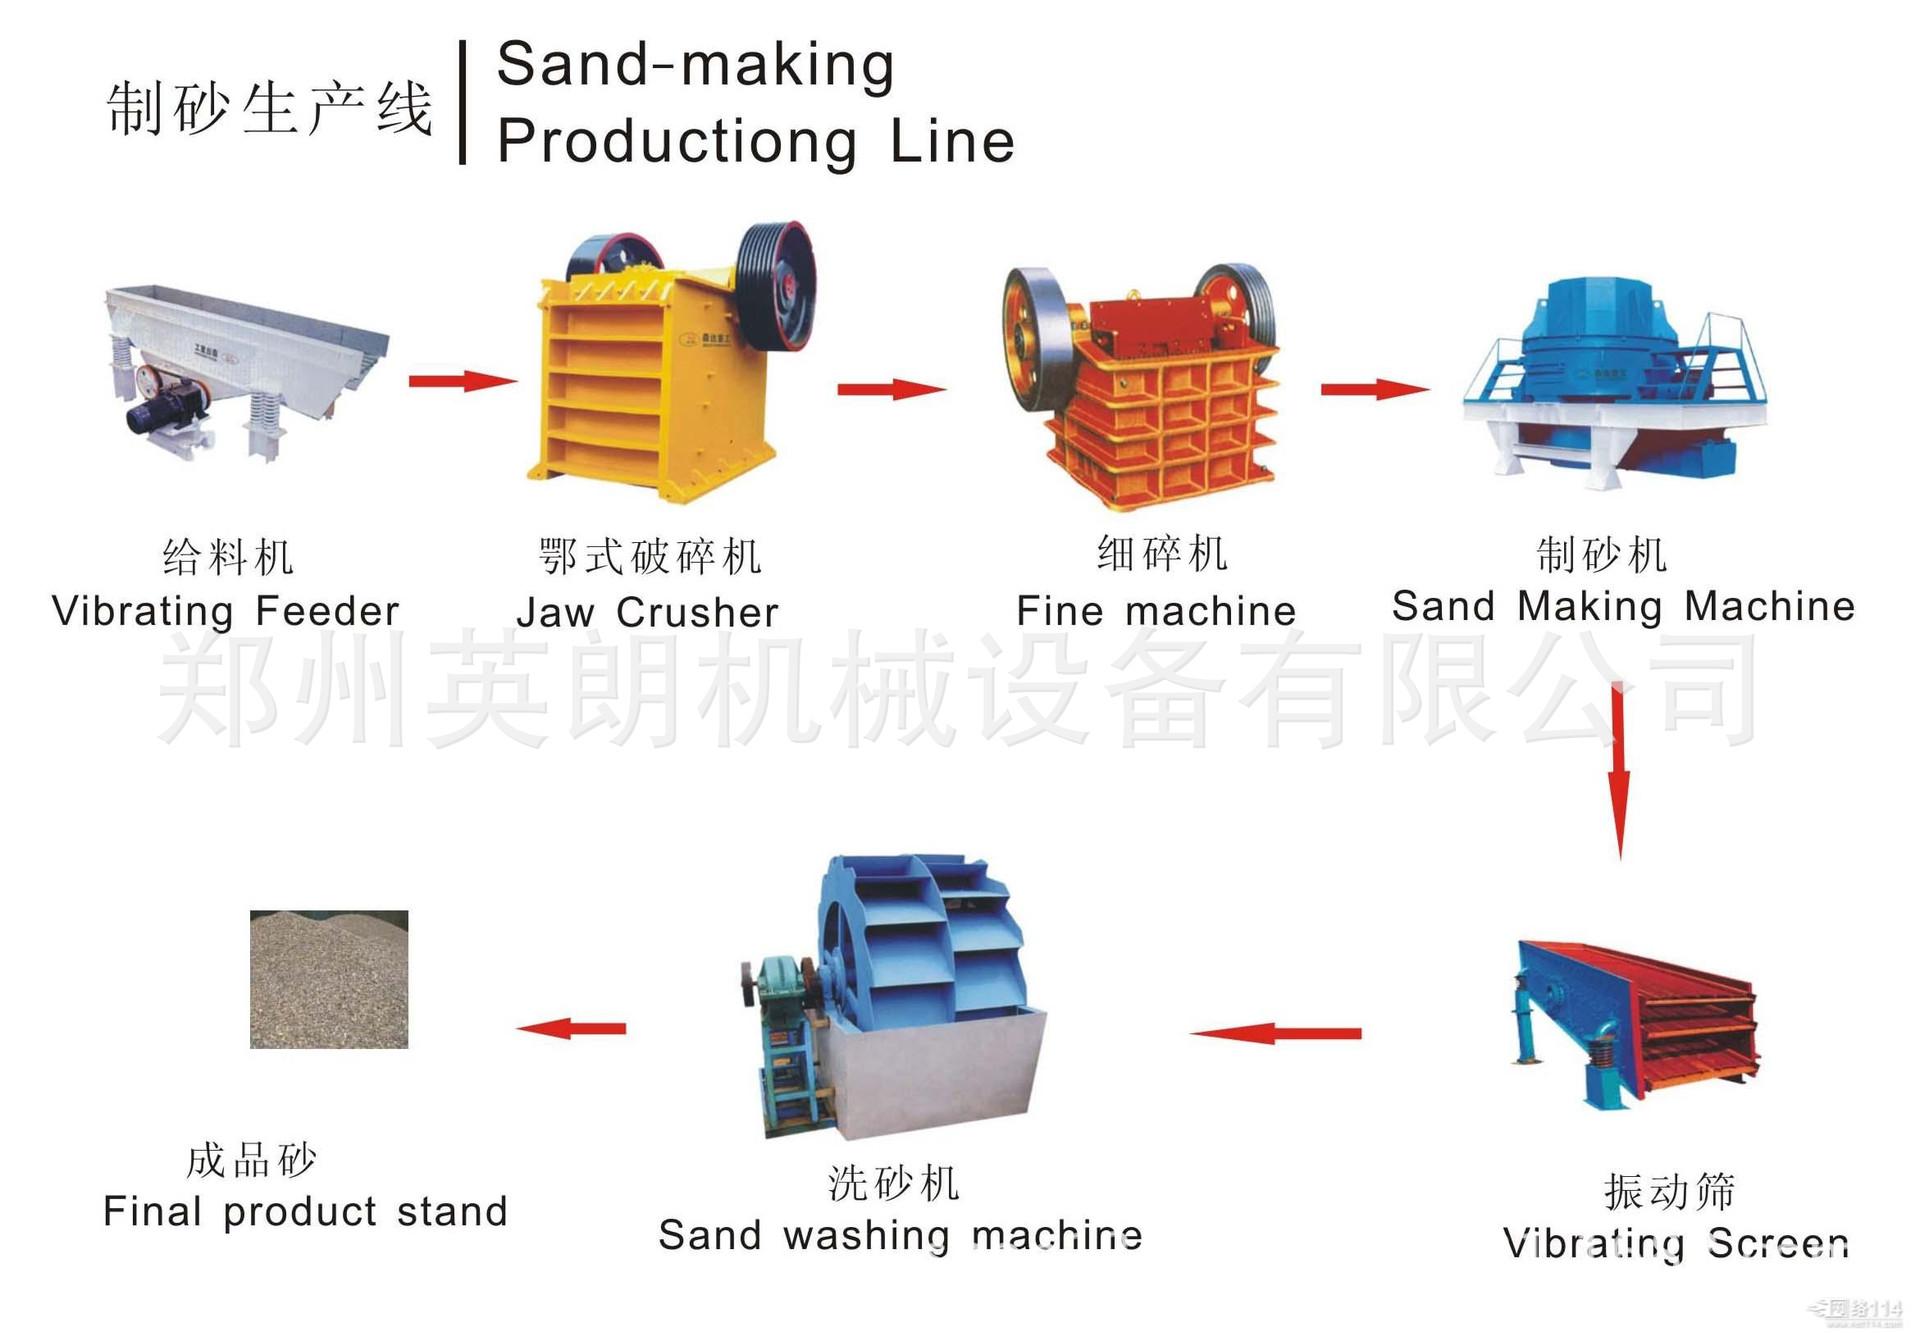 砂石骨料破碎生产线 200T青石制砂生产线 矿山制砂整套石料生产线示例图10